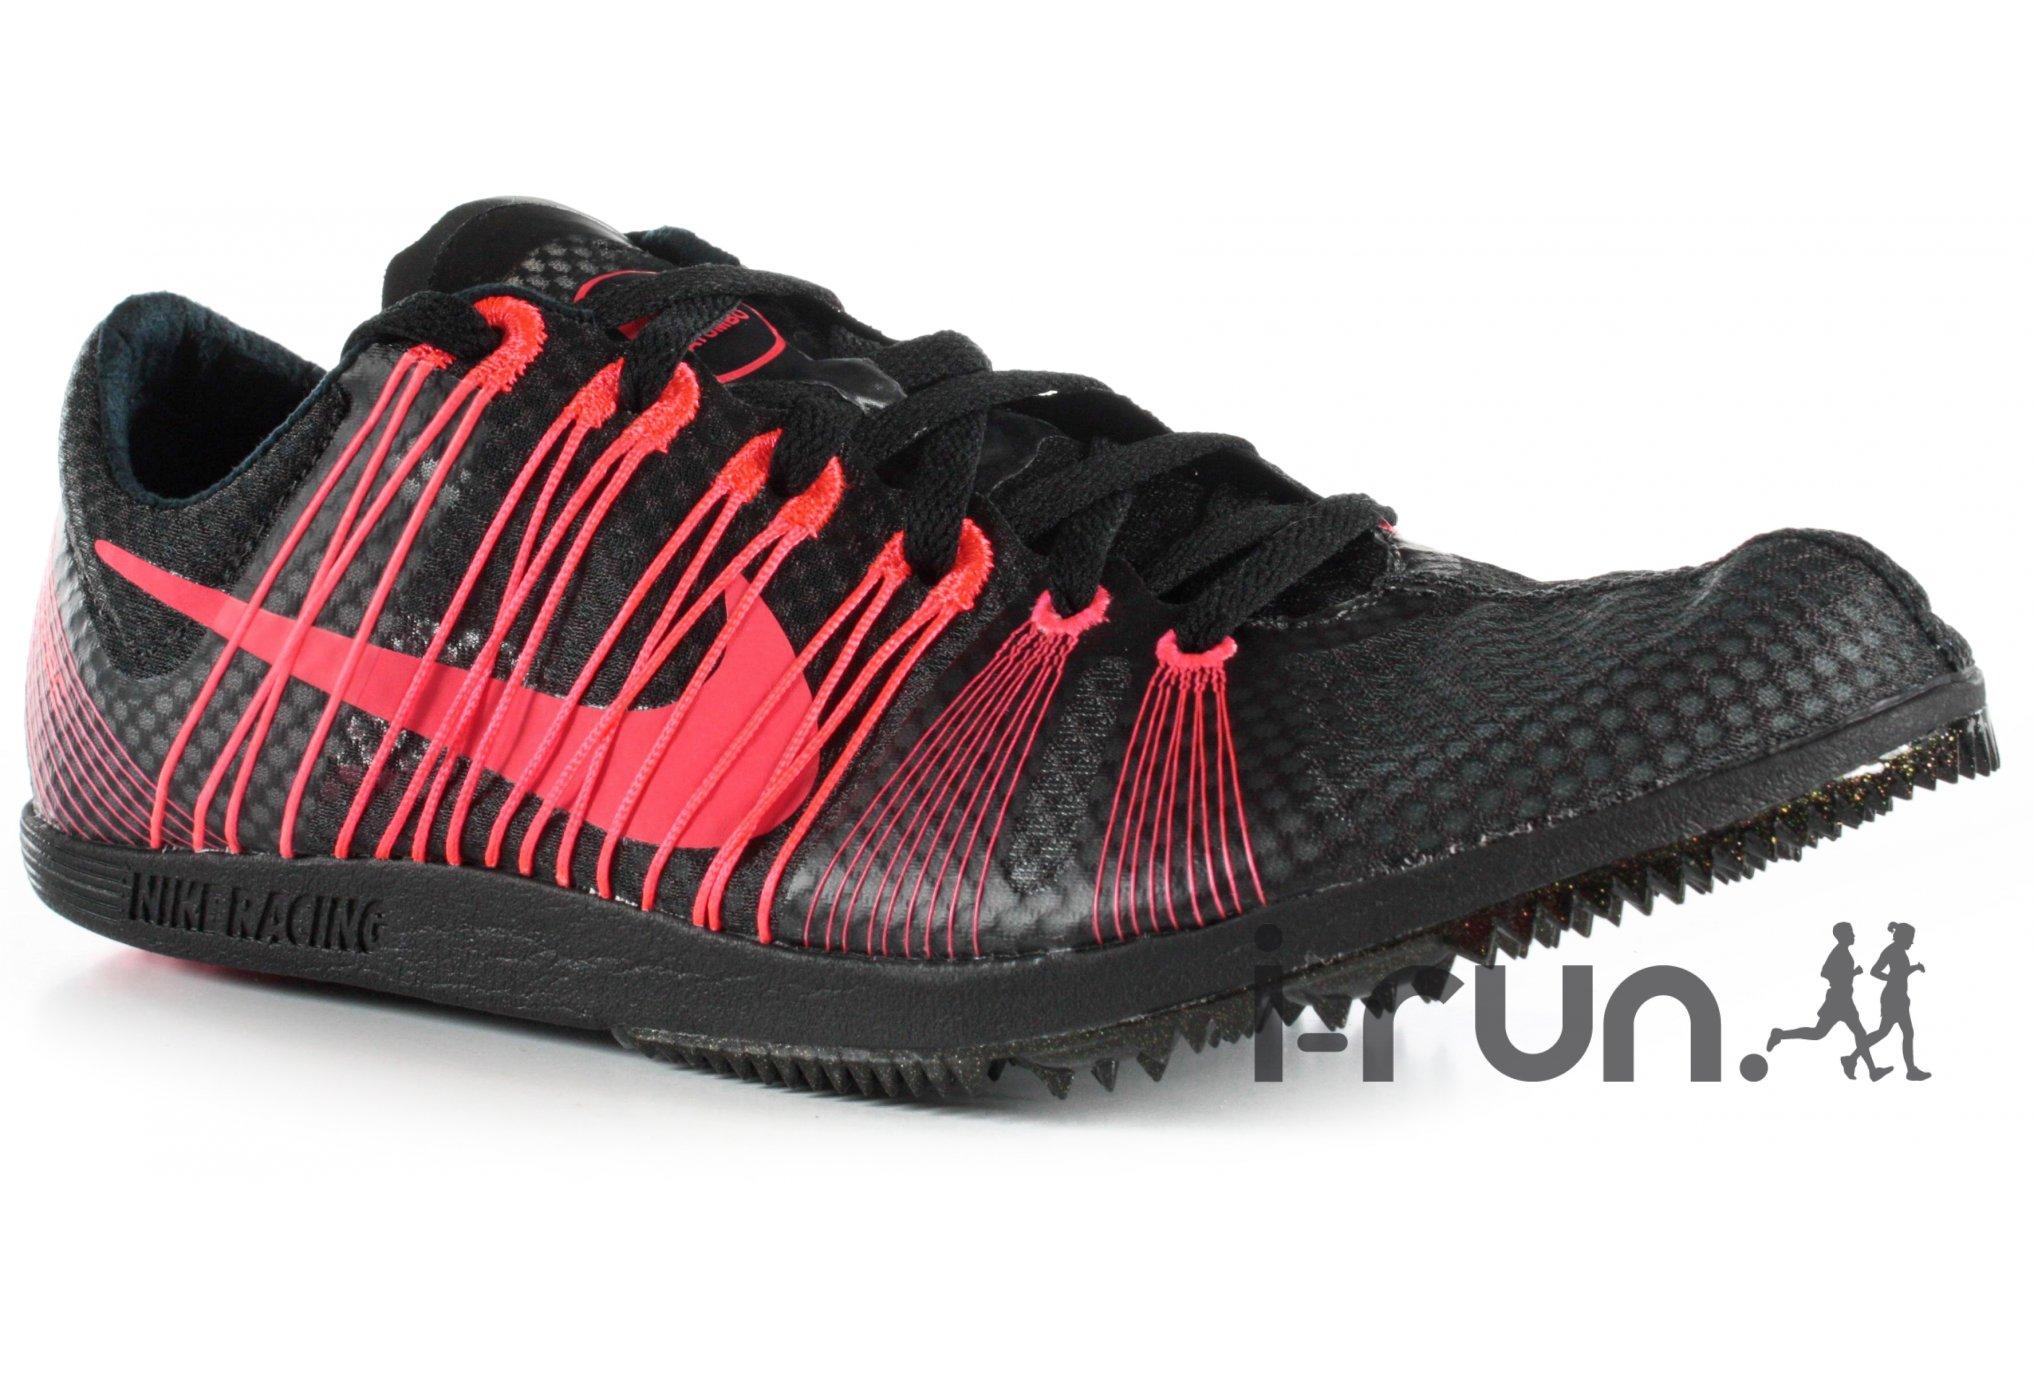 Nike Zoom matumbo 2 m diététique chaussures homme